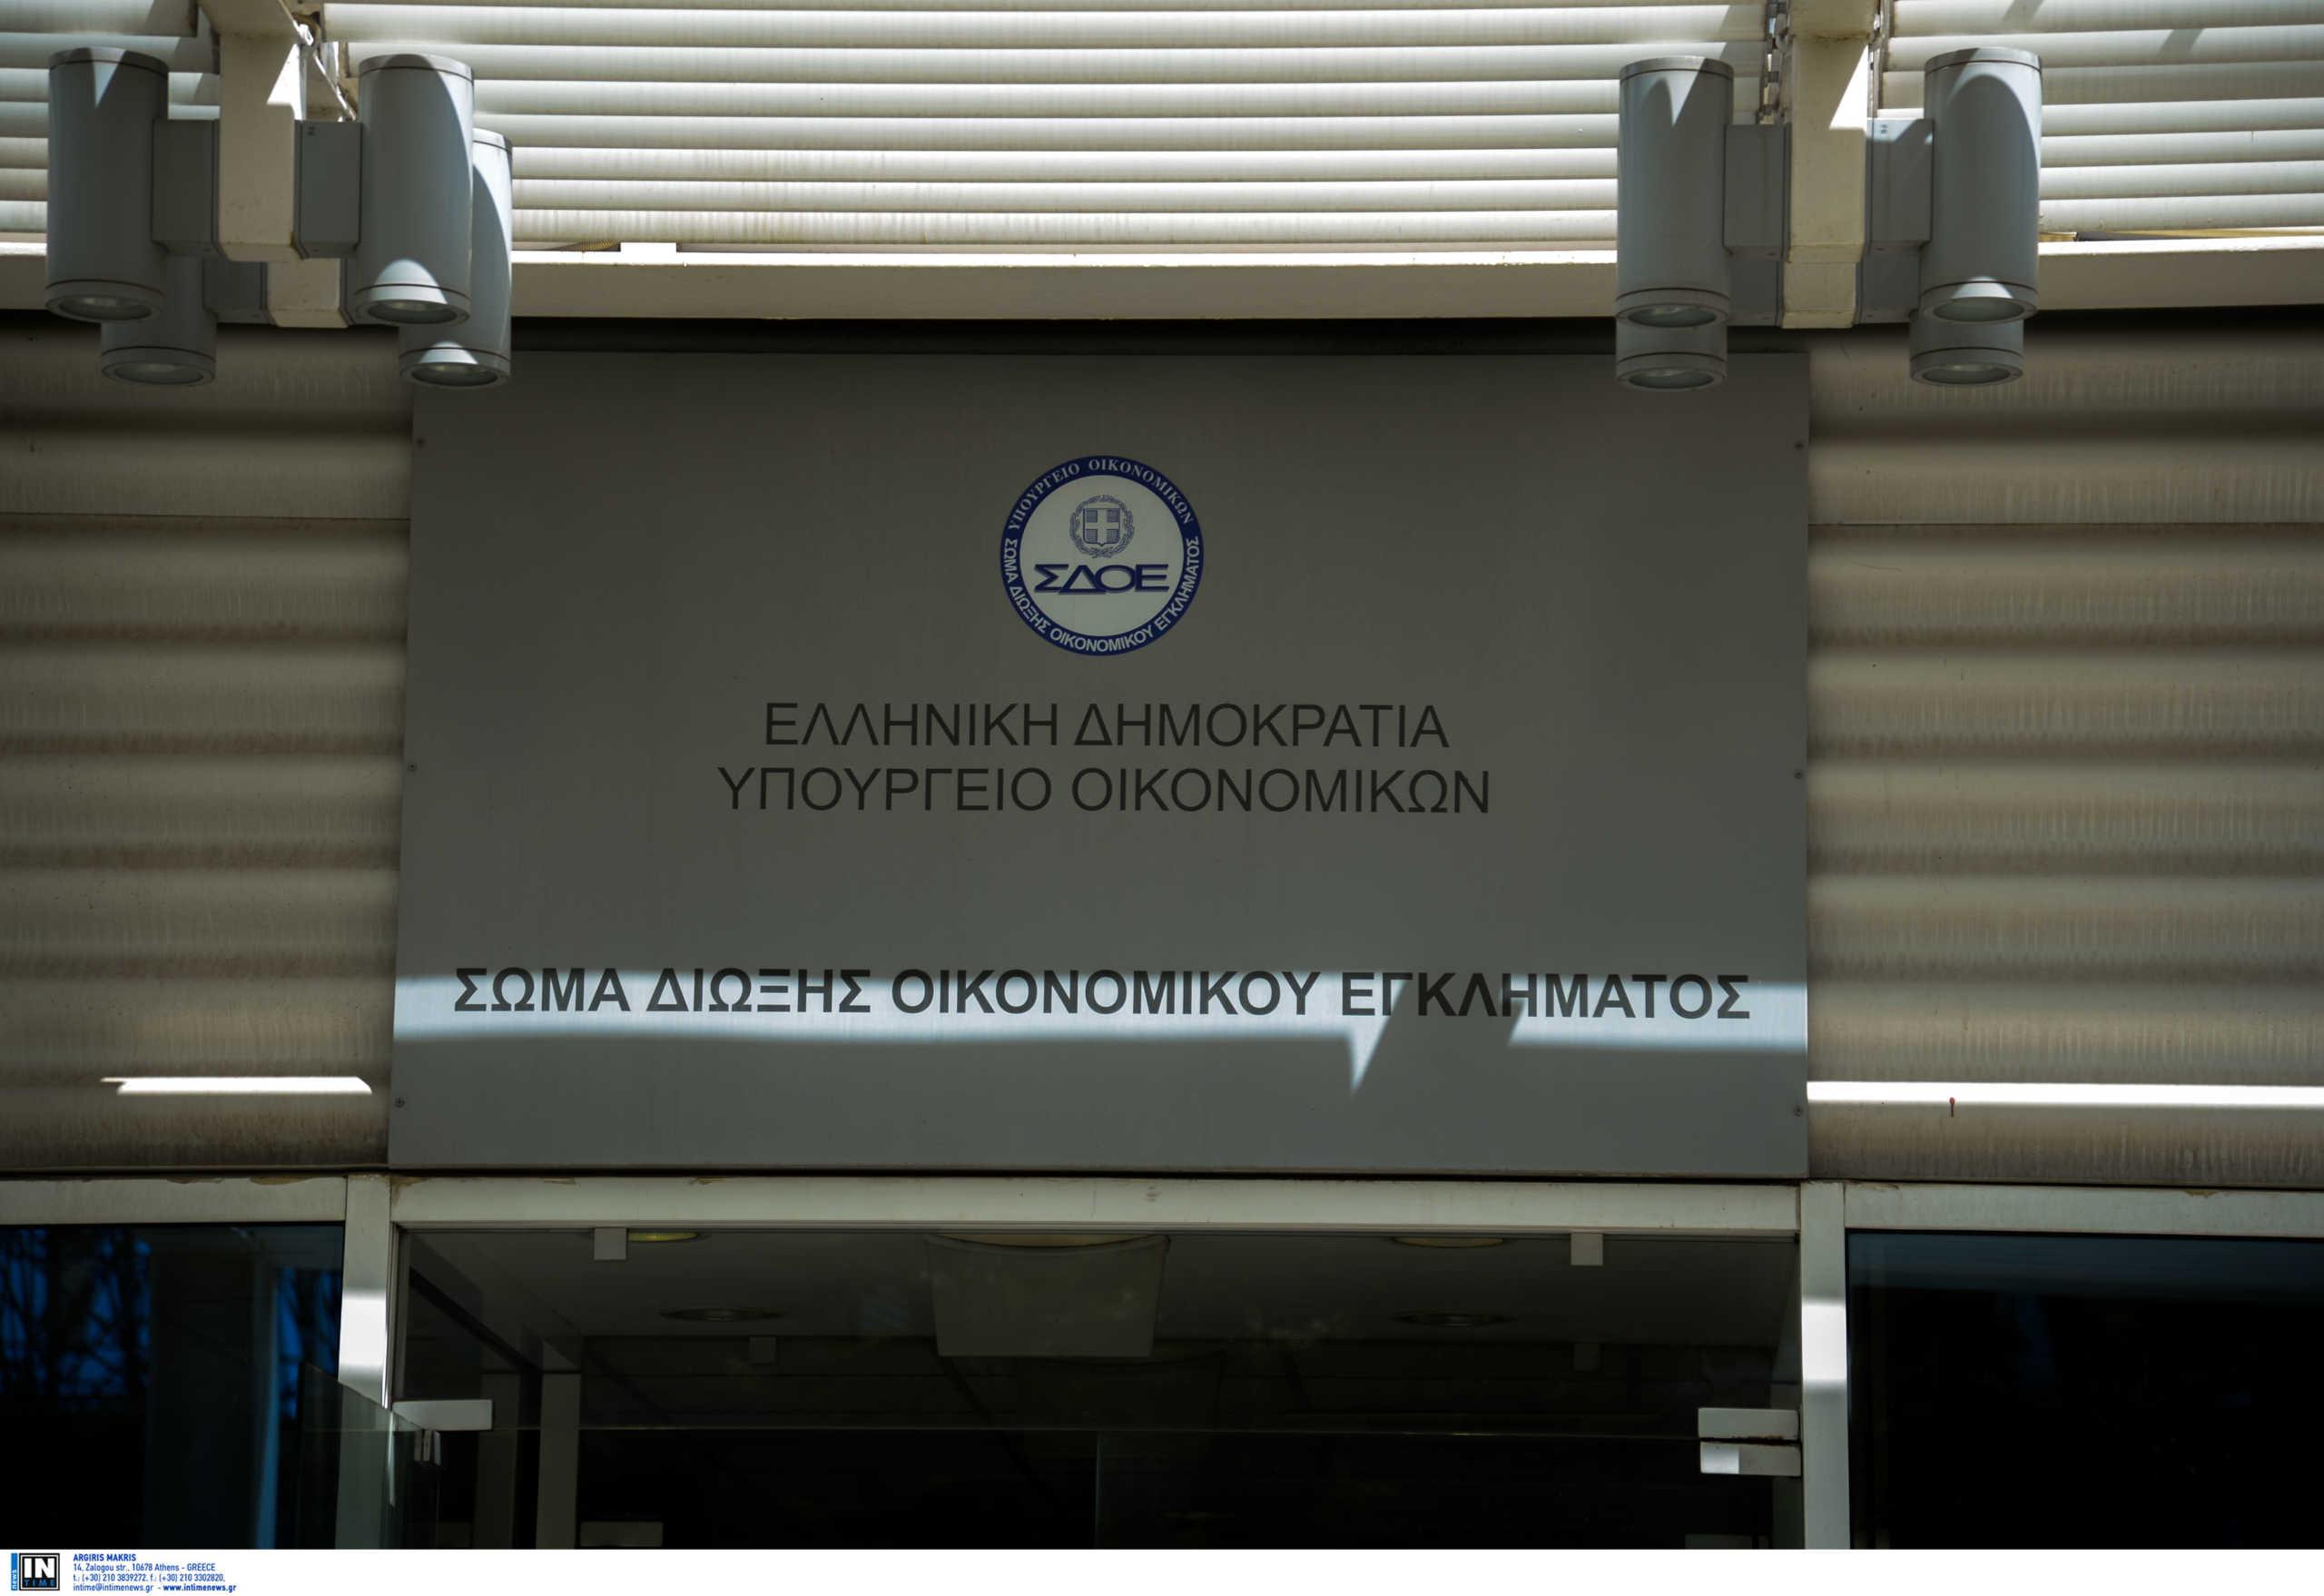 Απάτη – μαμούθ με ζημιά πάνω από 15 εκατομμύρια ευρώ σε e-shop αποκάλυψε το ΣΔΟΕ